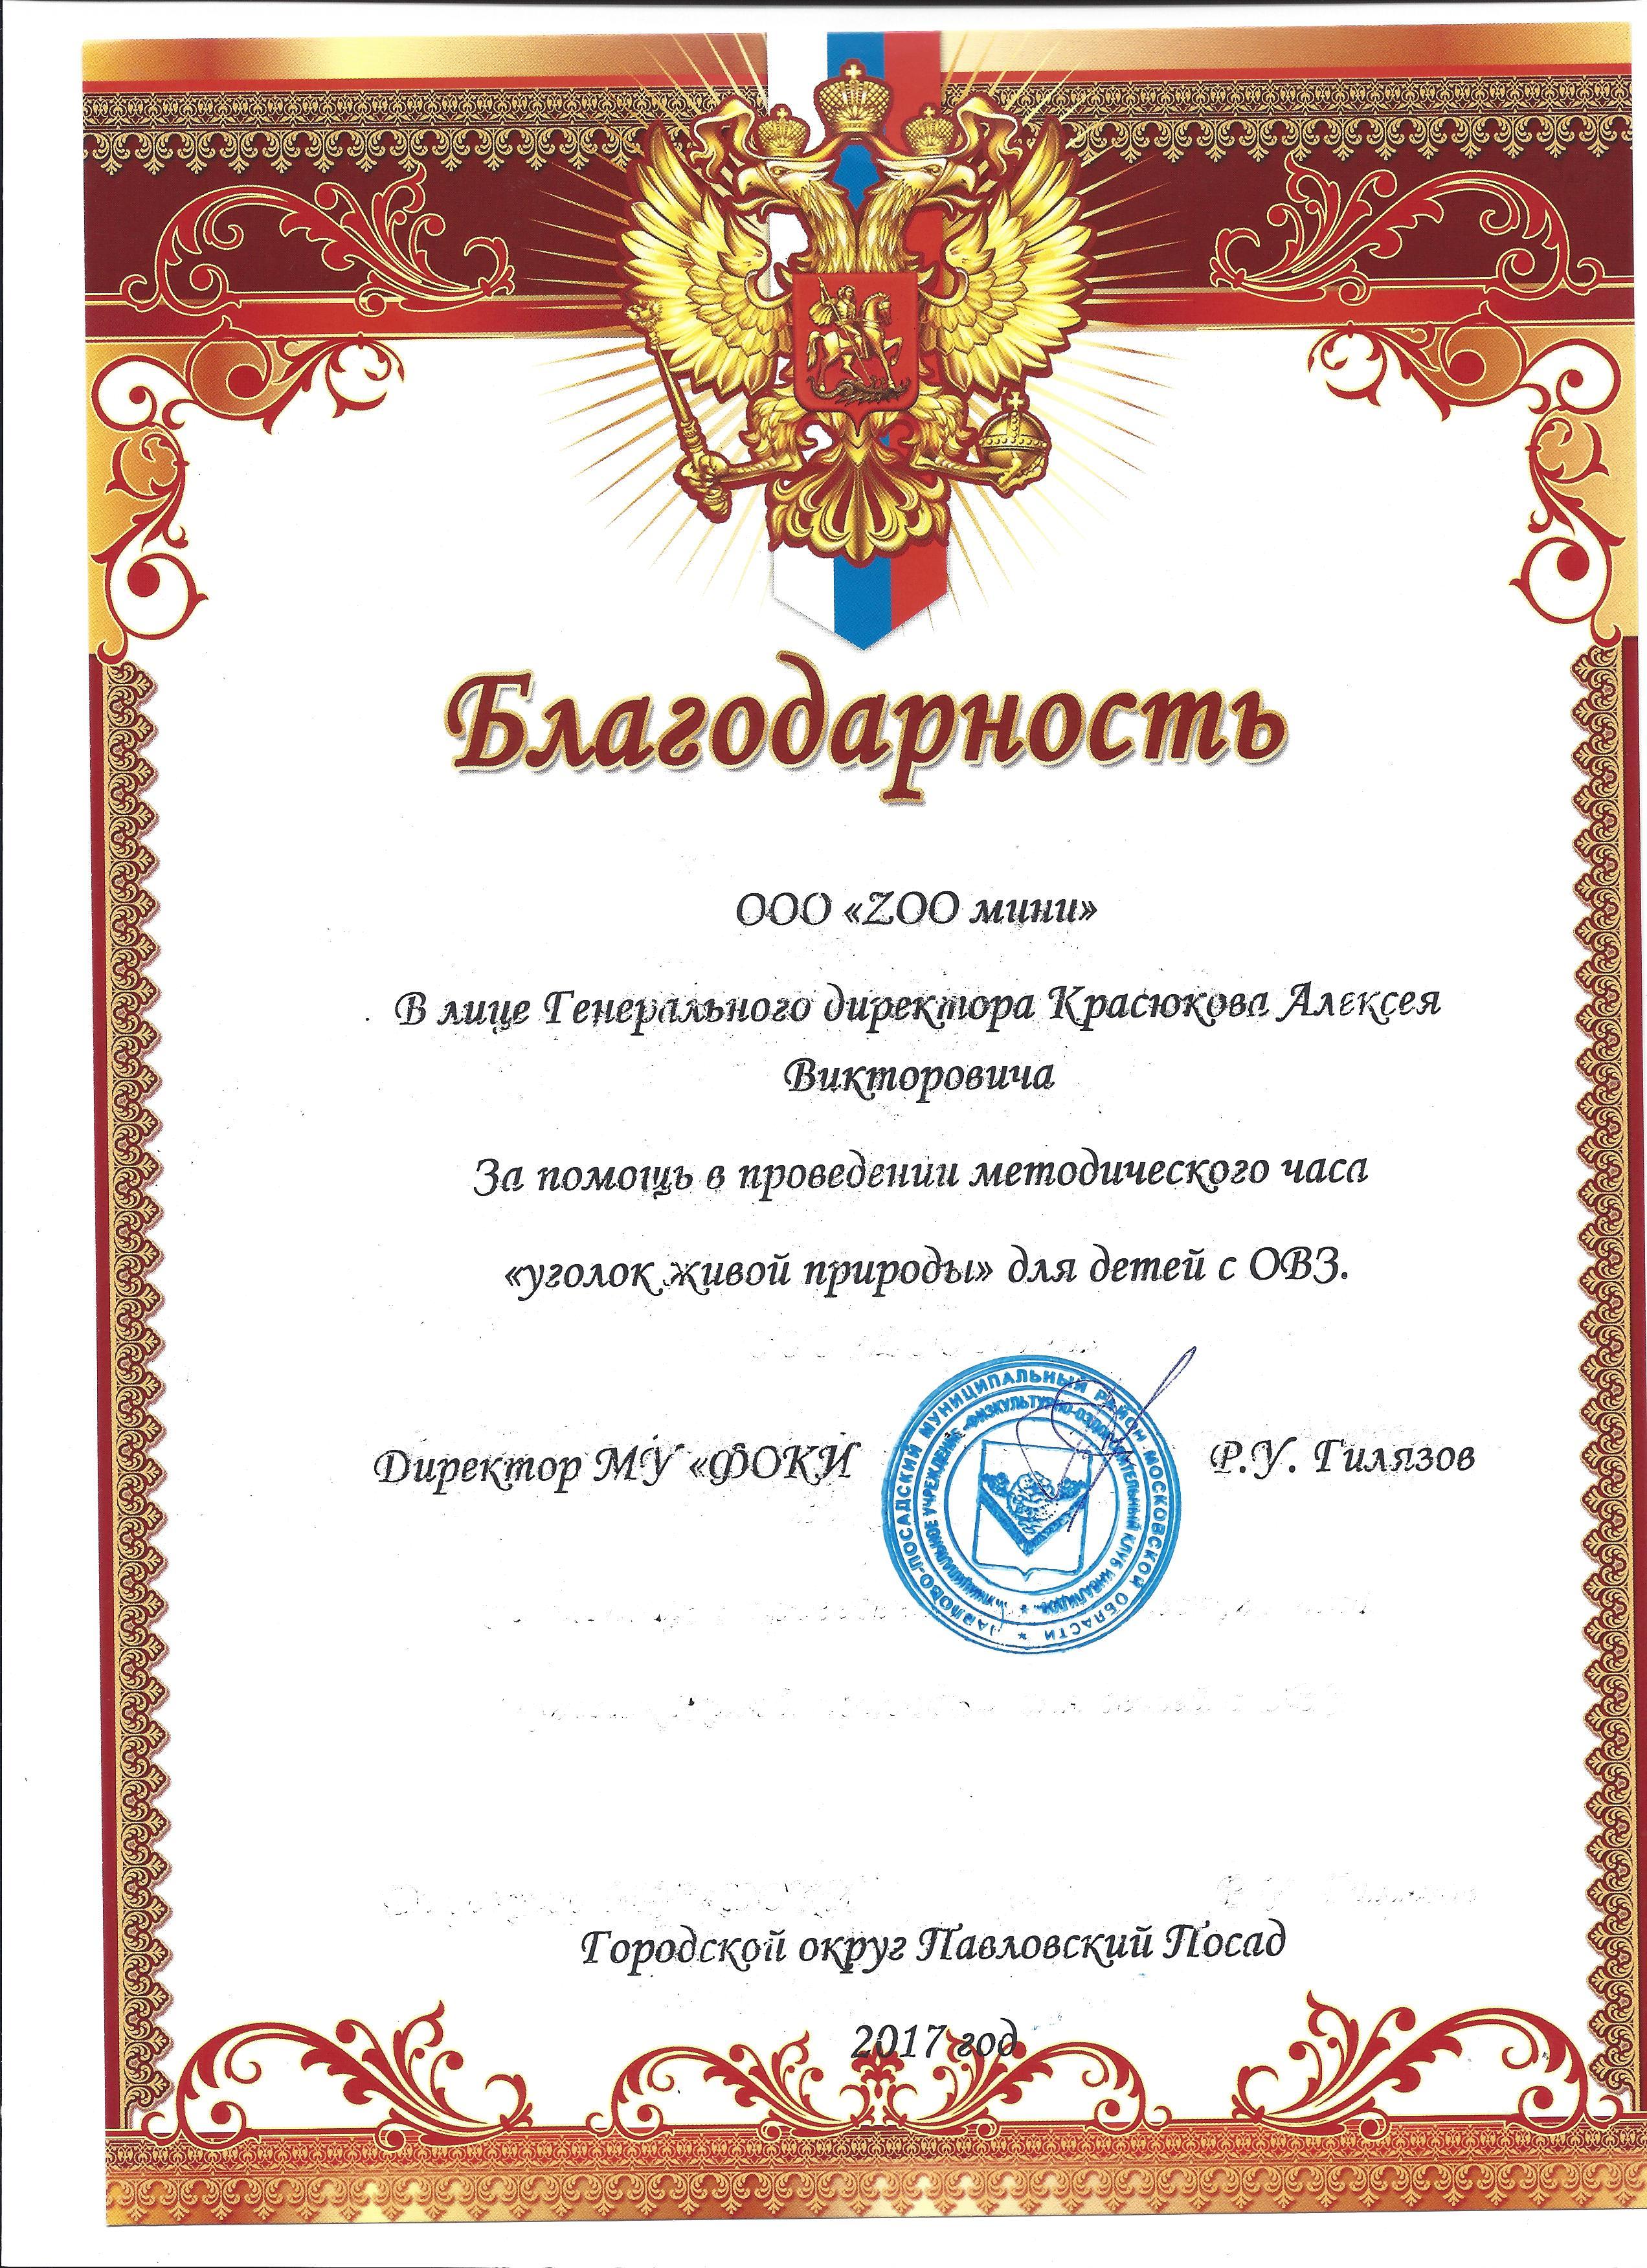 благодарность Павловский Посад